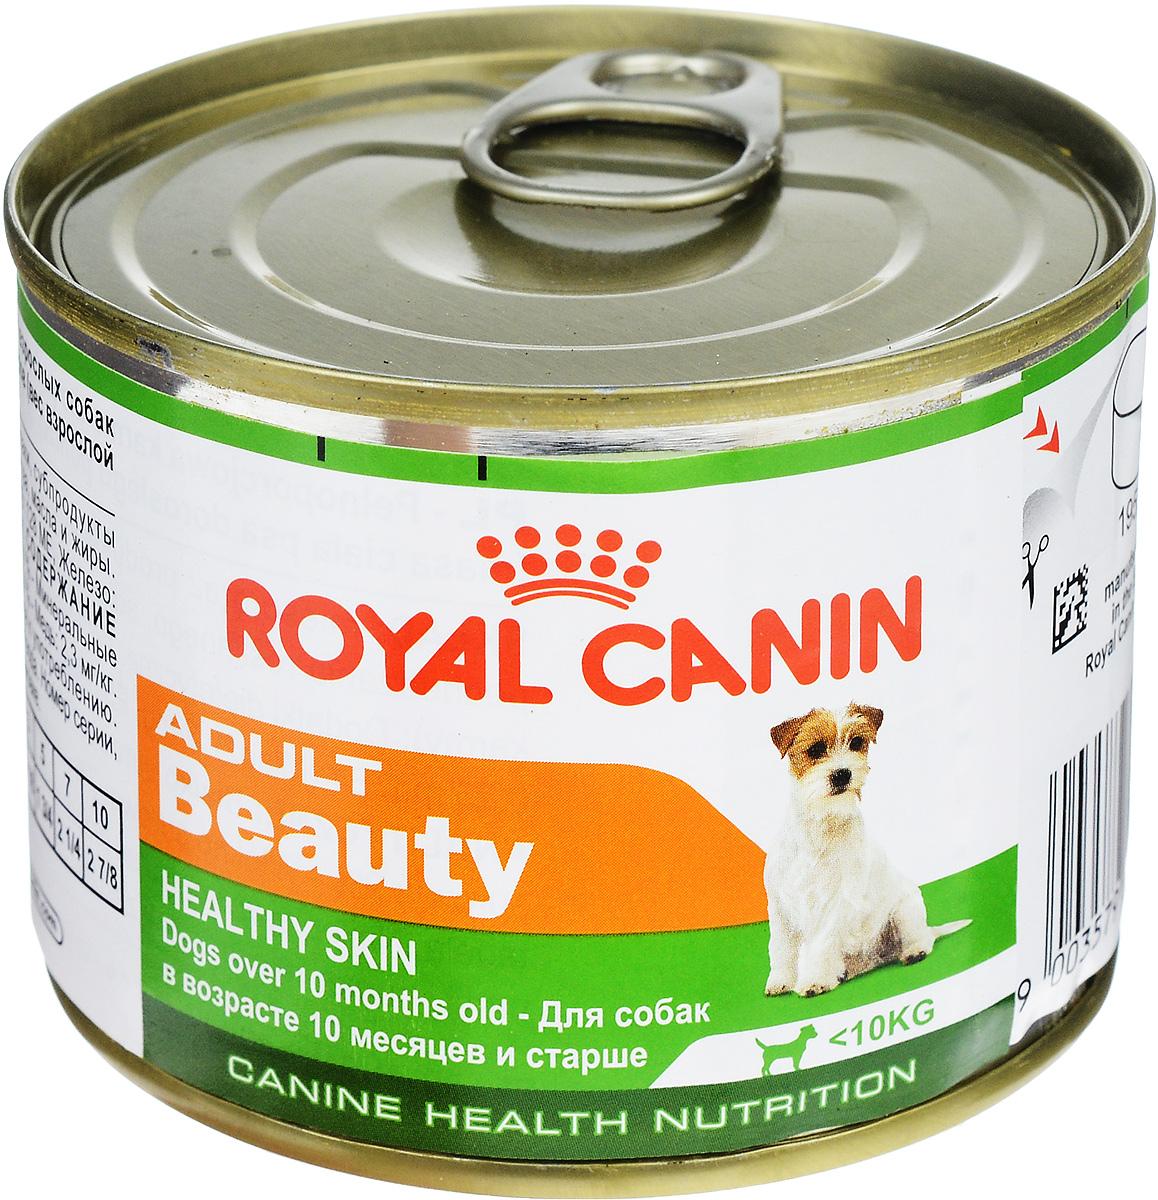 Консервы Royal Canin Adult Beauty, для собак в возрасте 10 месяцев и старше, 195 г0120710Консервы Royal Canin Adult Beauty создан специально для взрослых собак с 10 месяцев и старше, весом до 10 кг. Предназначен для поддержания здоровья шерсти и кожи.Формула Beauty обогащена жирными кислотами и содержит специальный защитный комплекс. Состав: мясо и мясные субпродукты, злаки, субпродукты растительного происхождения, минеральные вещества, масла и жиры. Гарантированный анализ: белки - 9,6 %, жиры - 6,4 %, минеральные вещества - 2 %, клетчатка пищевая - 2 %, влажность - 74 %, медь - 2,3 мг/кг.Добавки (в 1 кг): витамин D3: 128 ME, железо - 15 мг, йод - 0,25 мг, марганец - 4,4 мг, цинк - 43 мг. Товар сертифицирован.